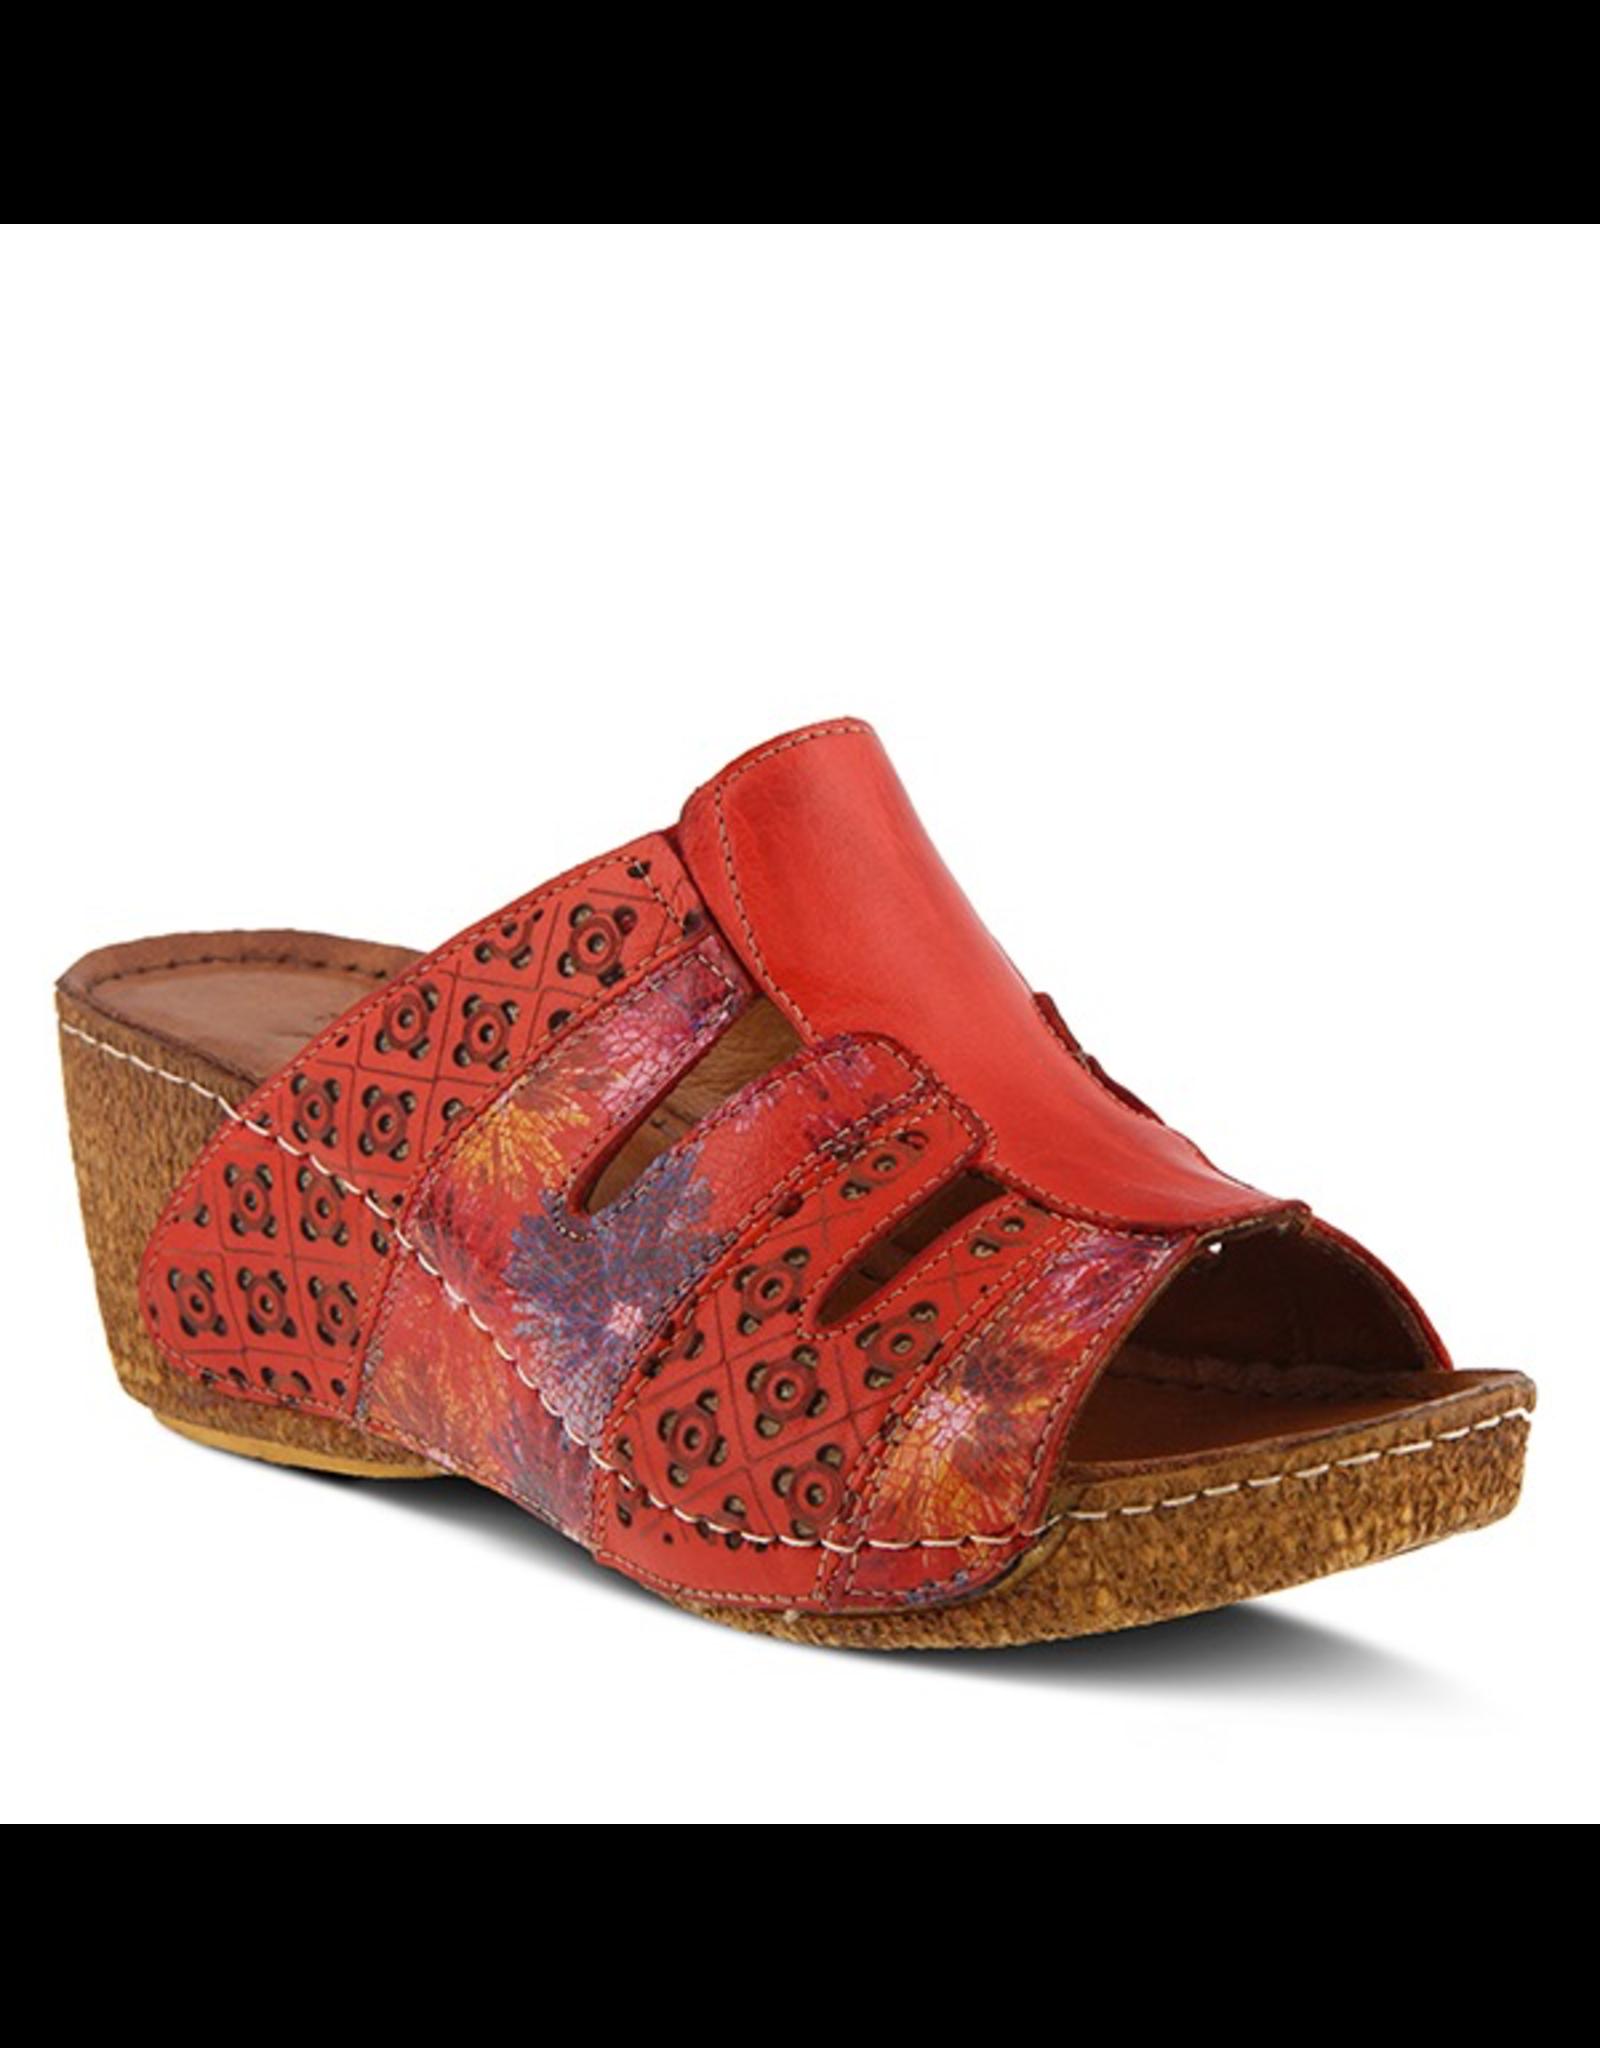 Spring Footwear Leather Wedge Sandal